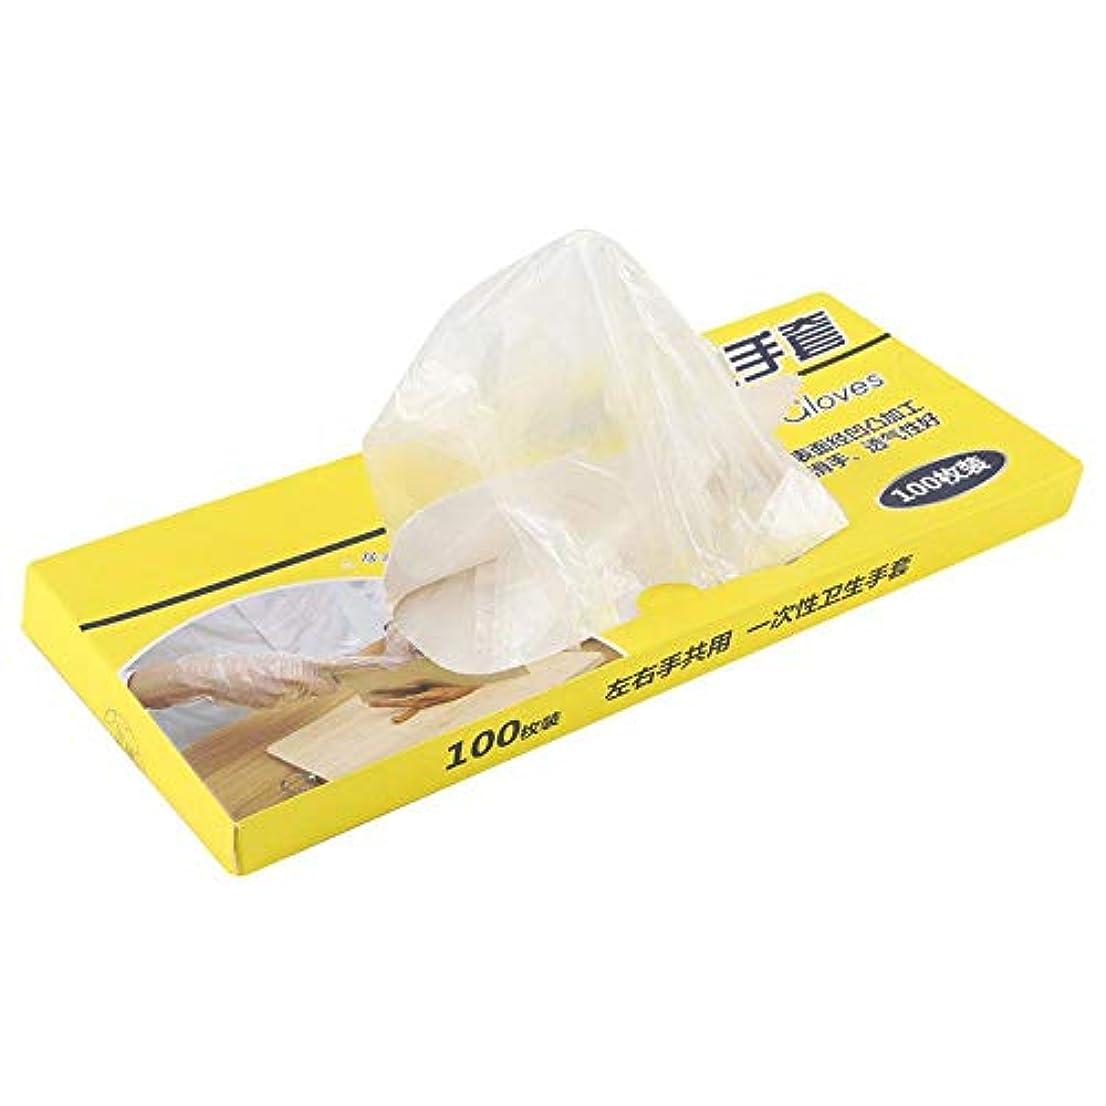 血まみれ明確なラケットYosoo 100pcs 使い捨てポリ手袋 使い捨て手袋 極薄手袋 調理 お掃除 使い捨て手袋 極薄ビニール手袋 透明 実用 衛生